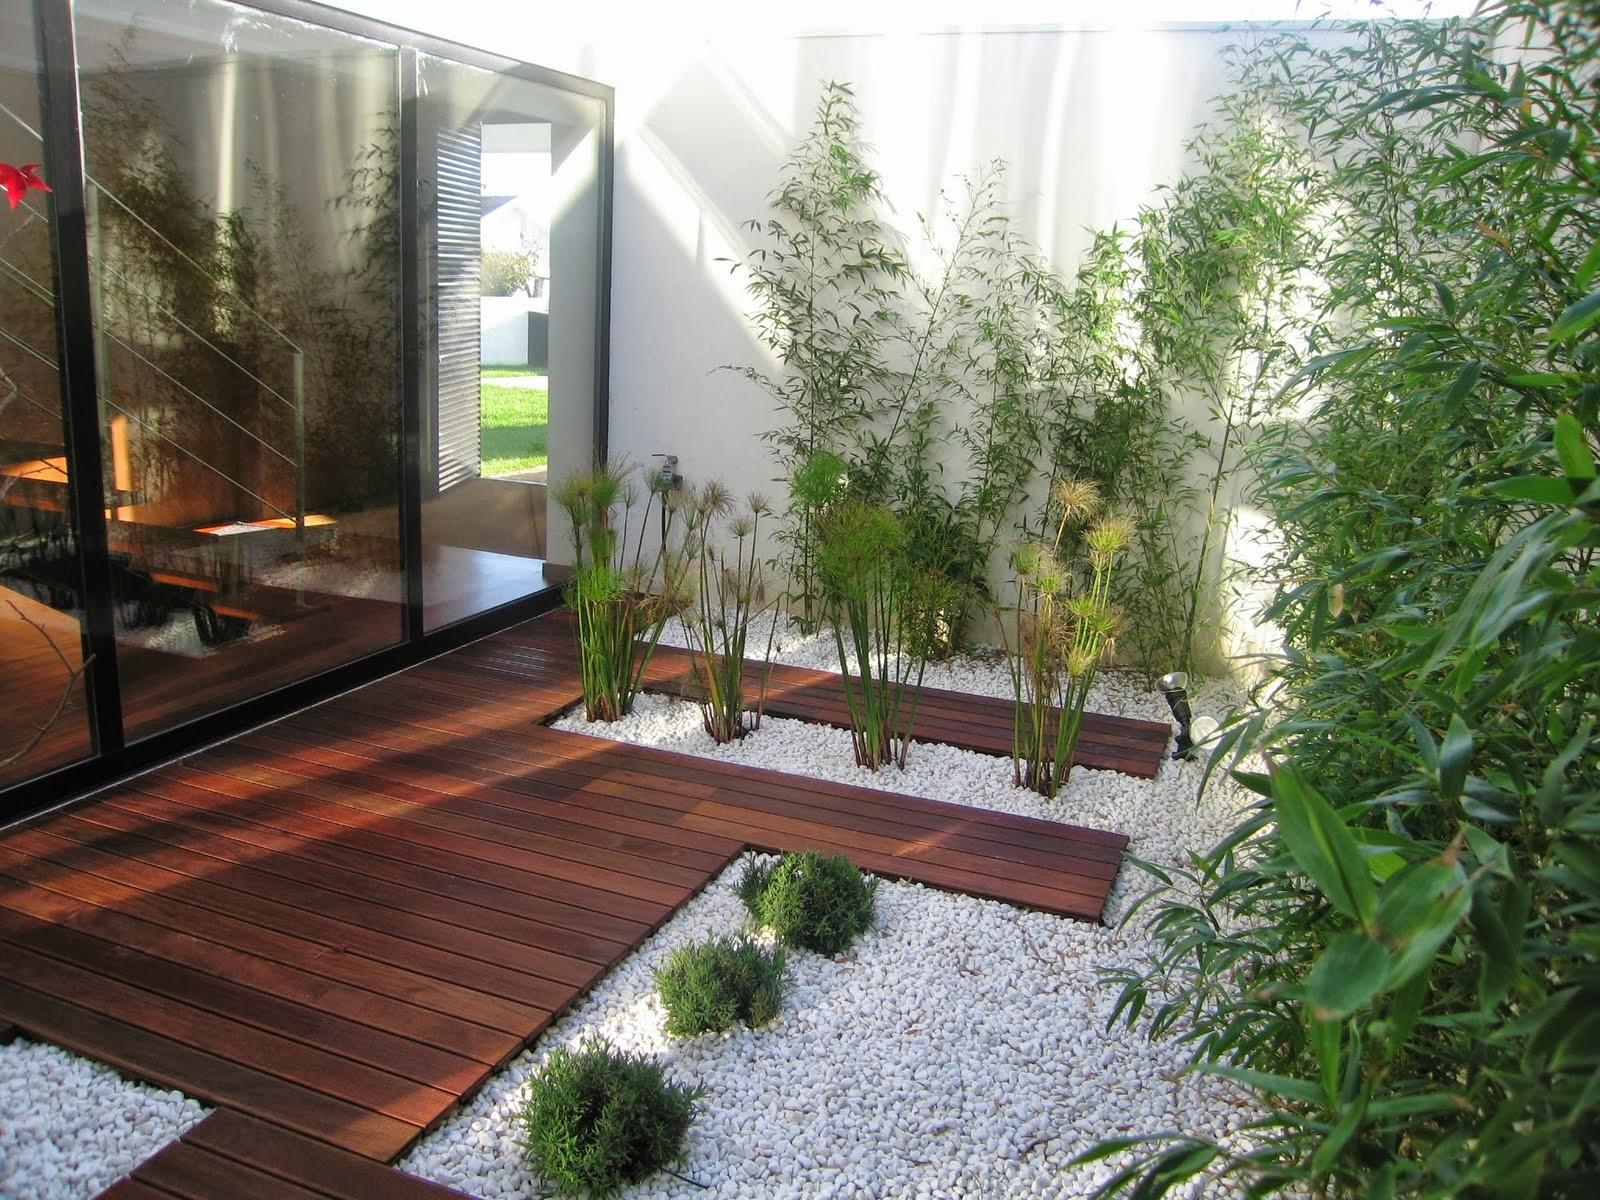 Jardim de Inverno veja modelos dicas e sugestões de quais planta  #456331 1600x1200 Banheiro Com Jardim Embaixo Da Pia